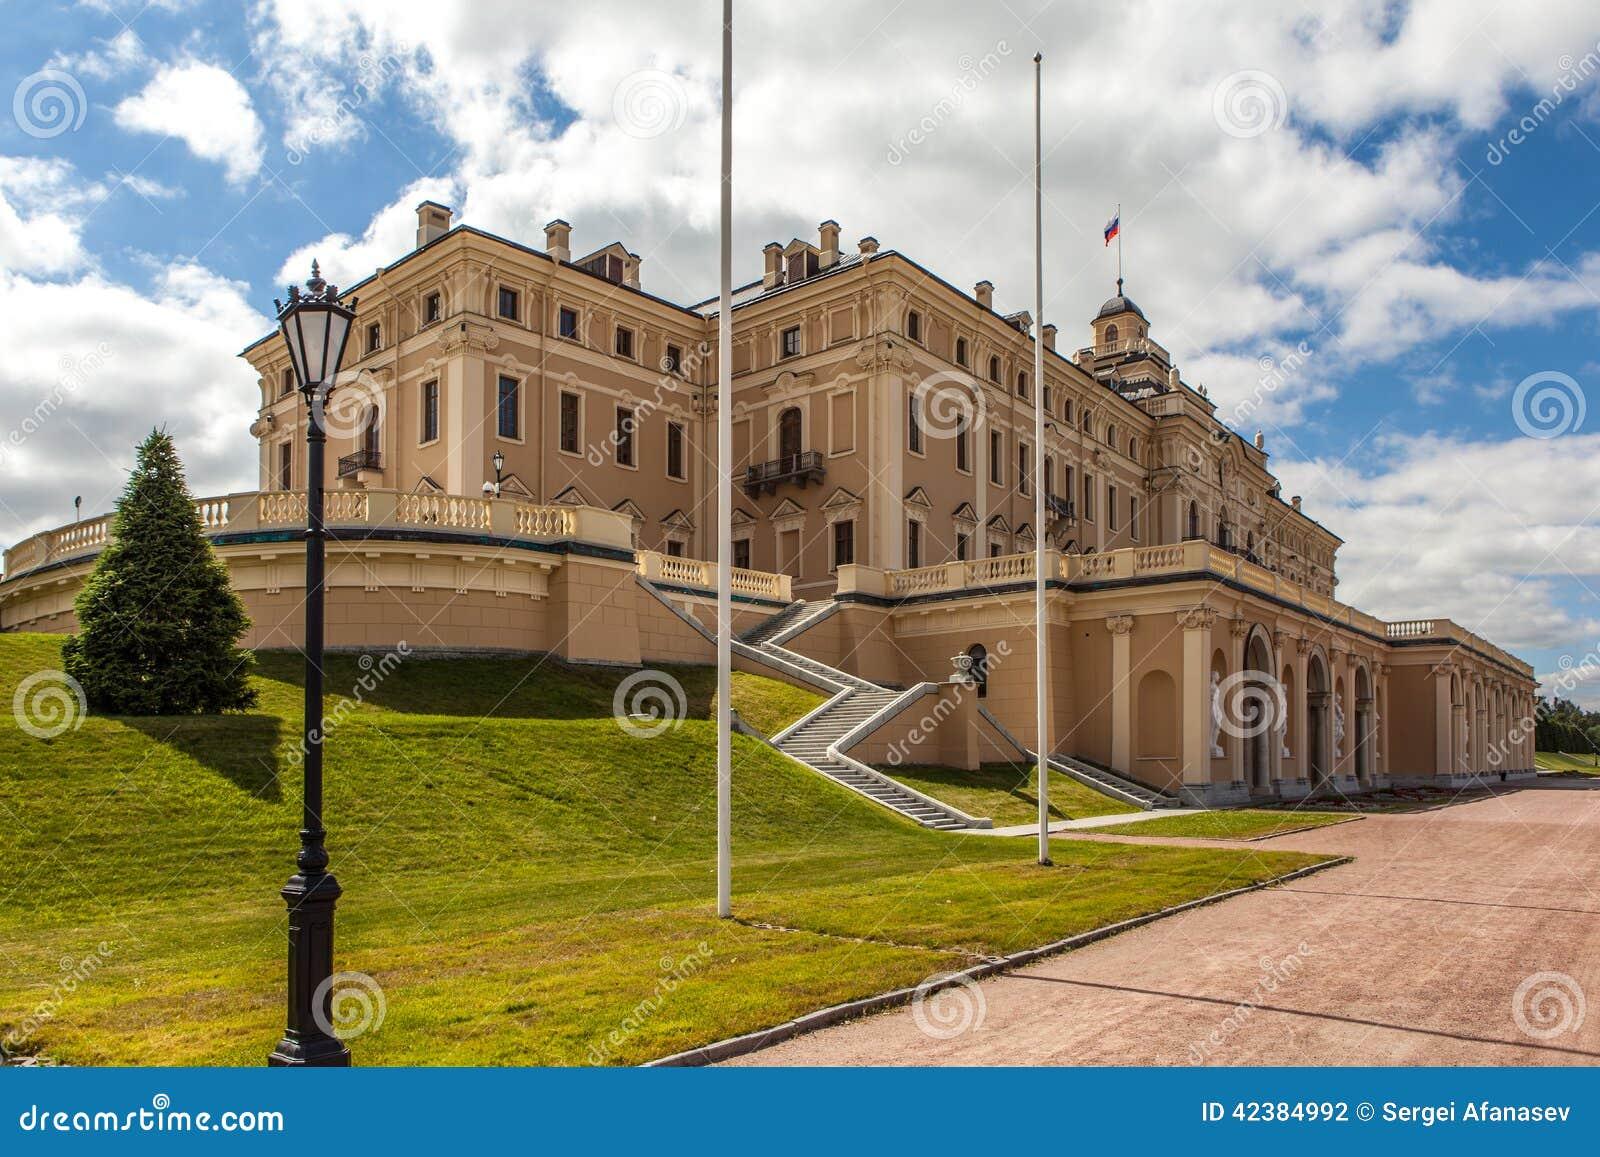 Strelna Россия Дворец Константина